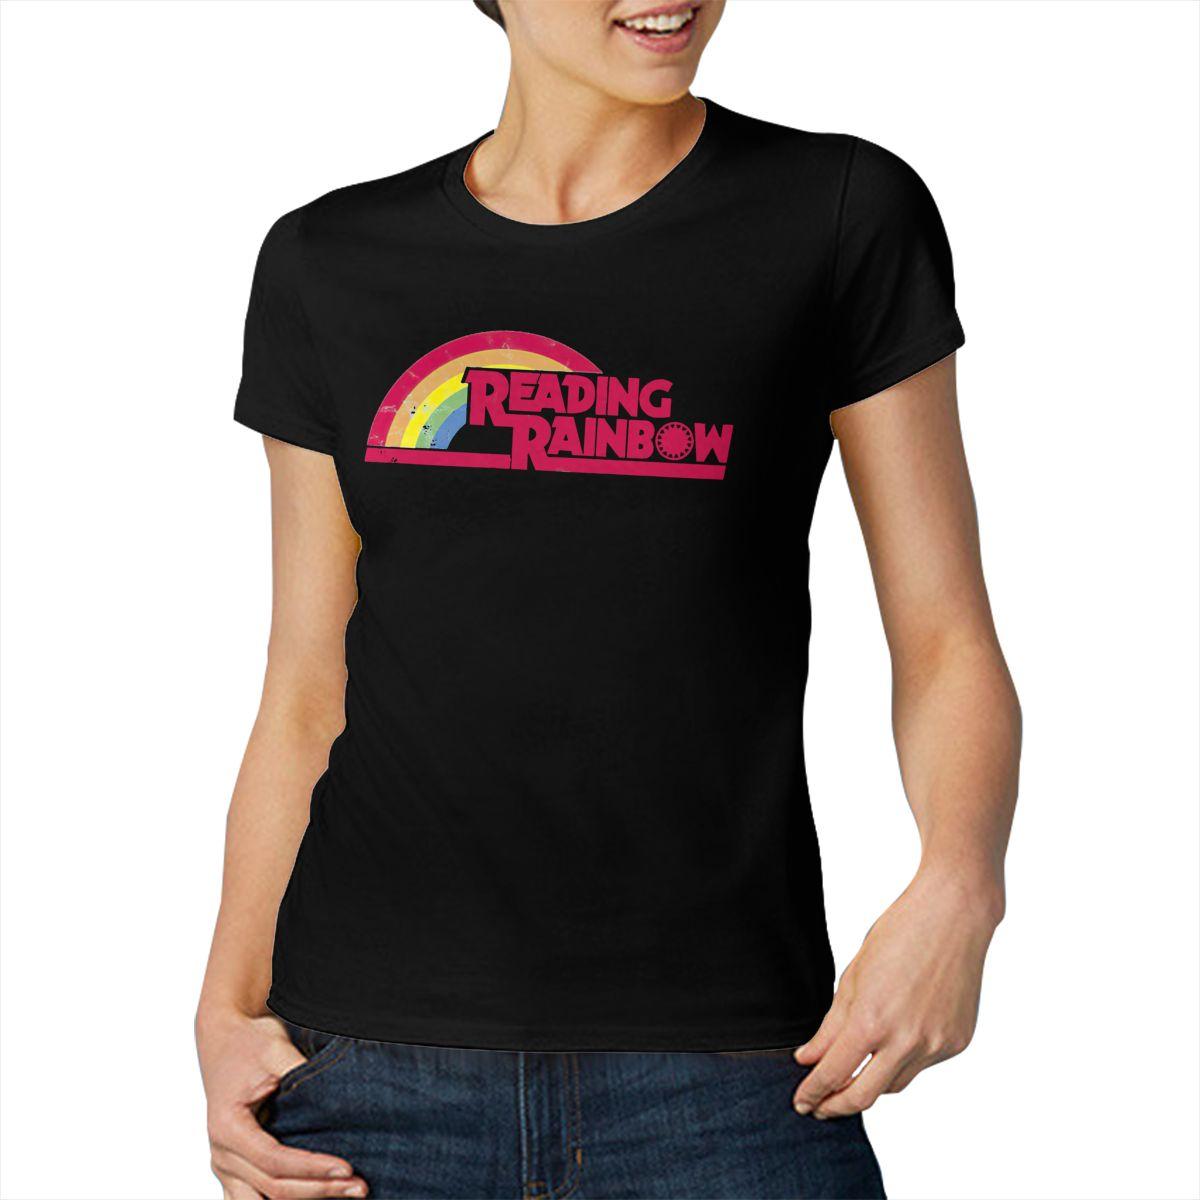 Модная хлопковая футболка для чтения радуги, крутая и забавная Повседневная футболка с коротким рукавом